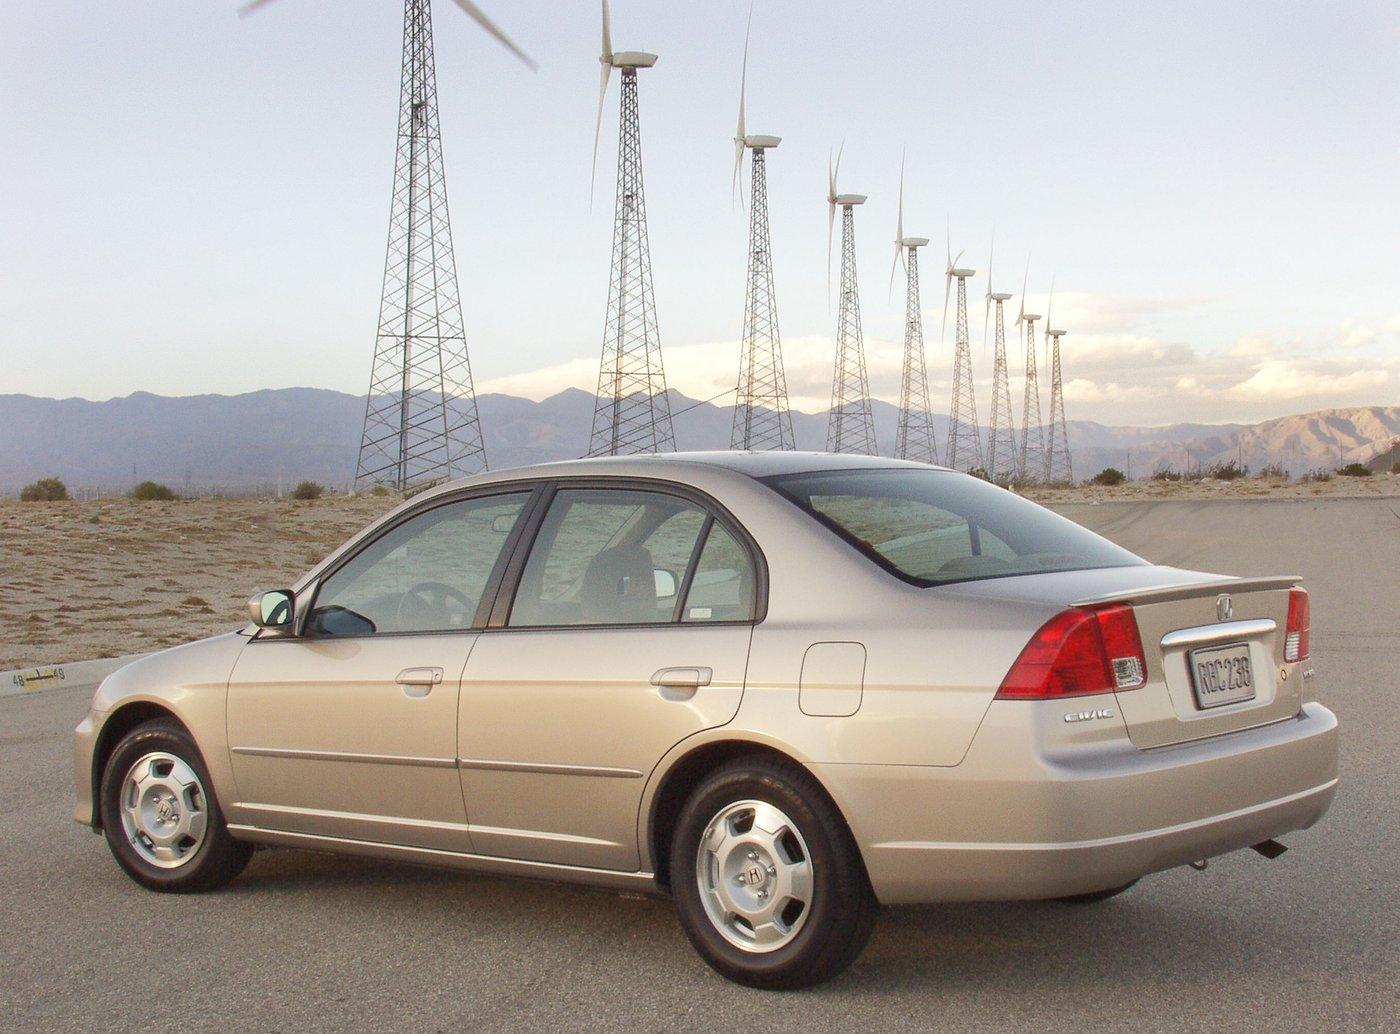 [Imagen: Honda-civic-hybrid-97.jpg]